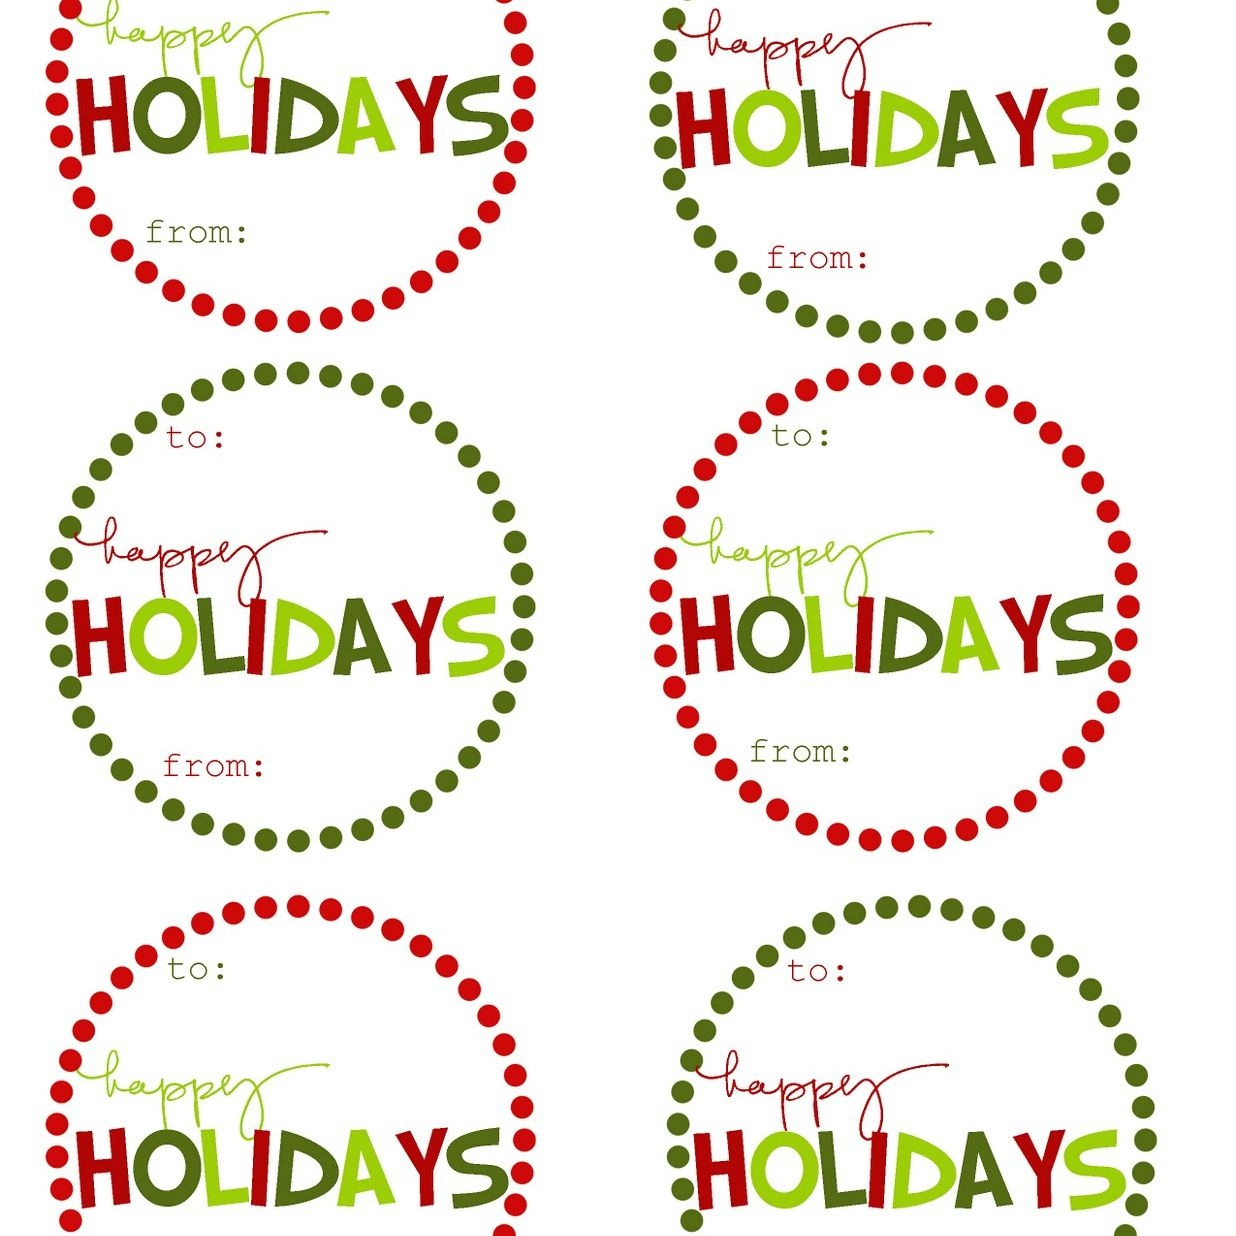 Holiday Tags - Tutlin.psstech.co - Free Printable Editable Christmas Gift Tags